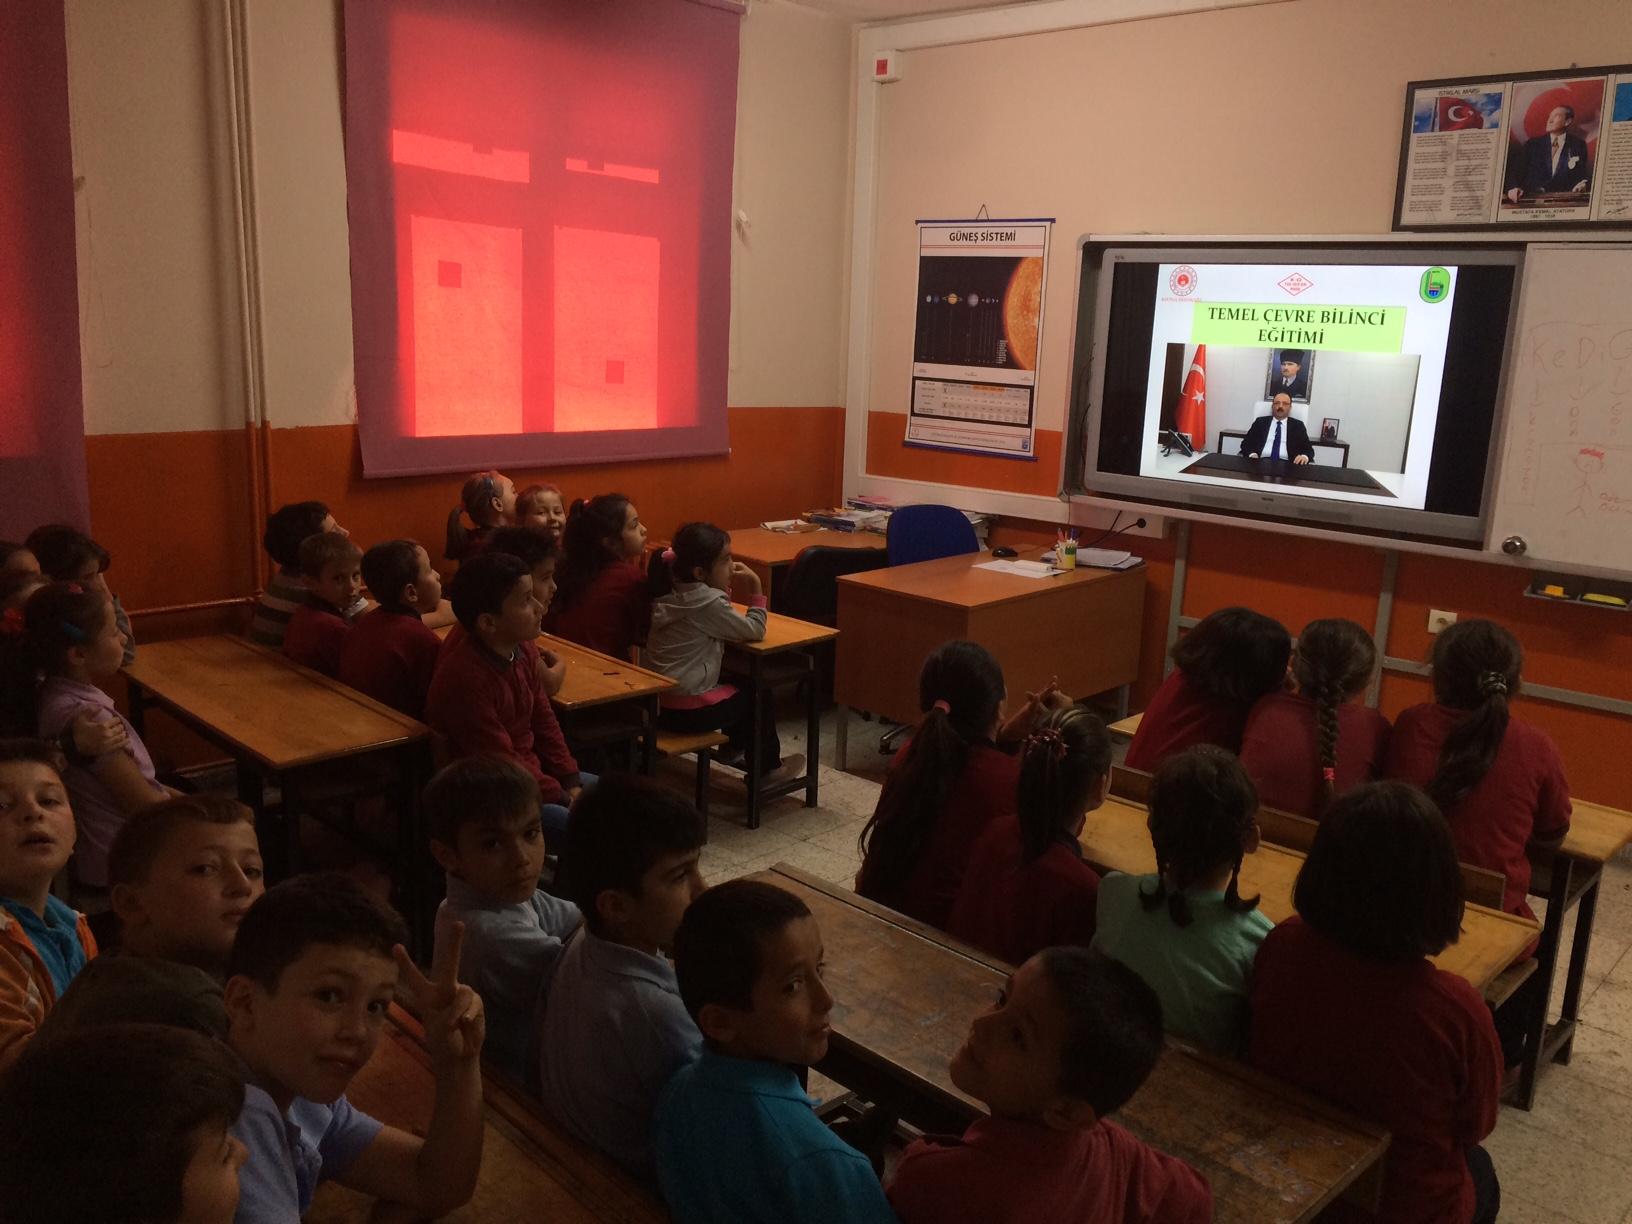 Çanakçılar İlkokulu ve Ortaokulu'nda Sıfır Atık Konulu Eğitim Verildi